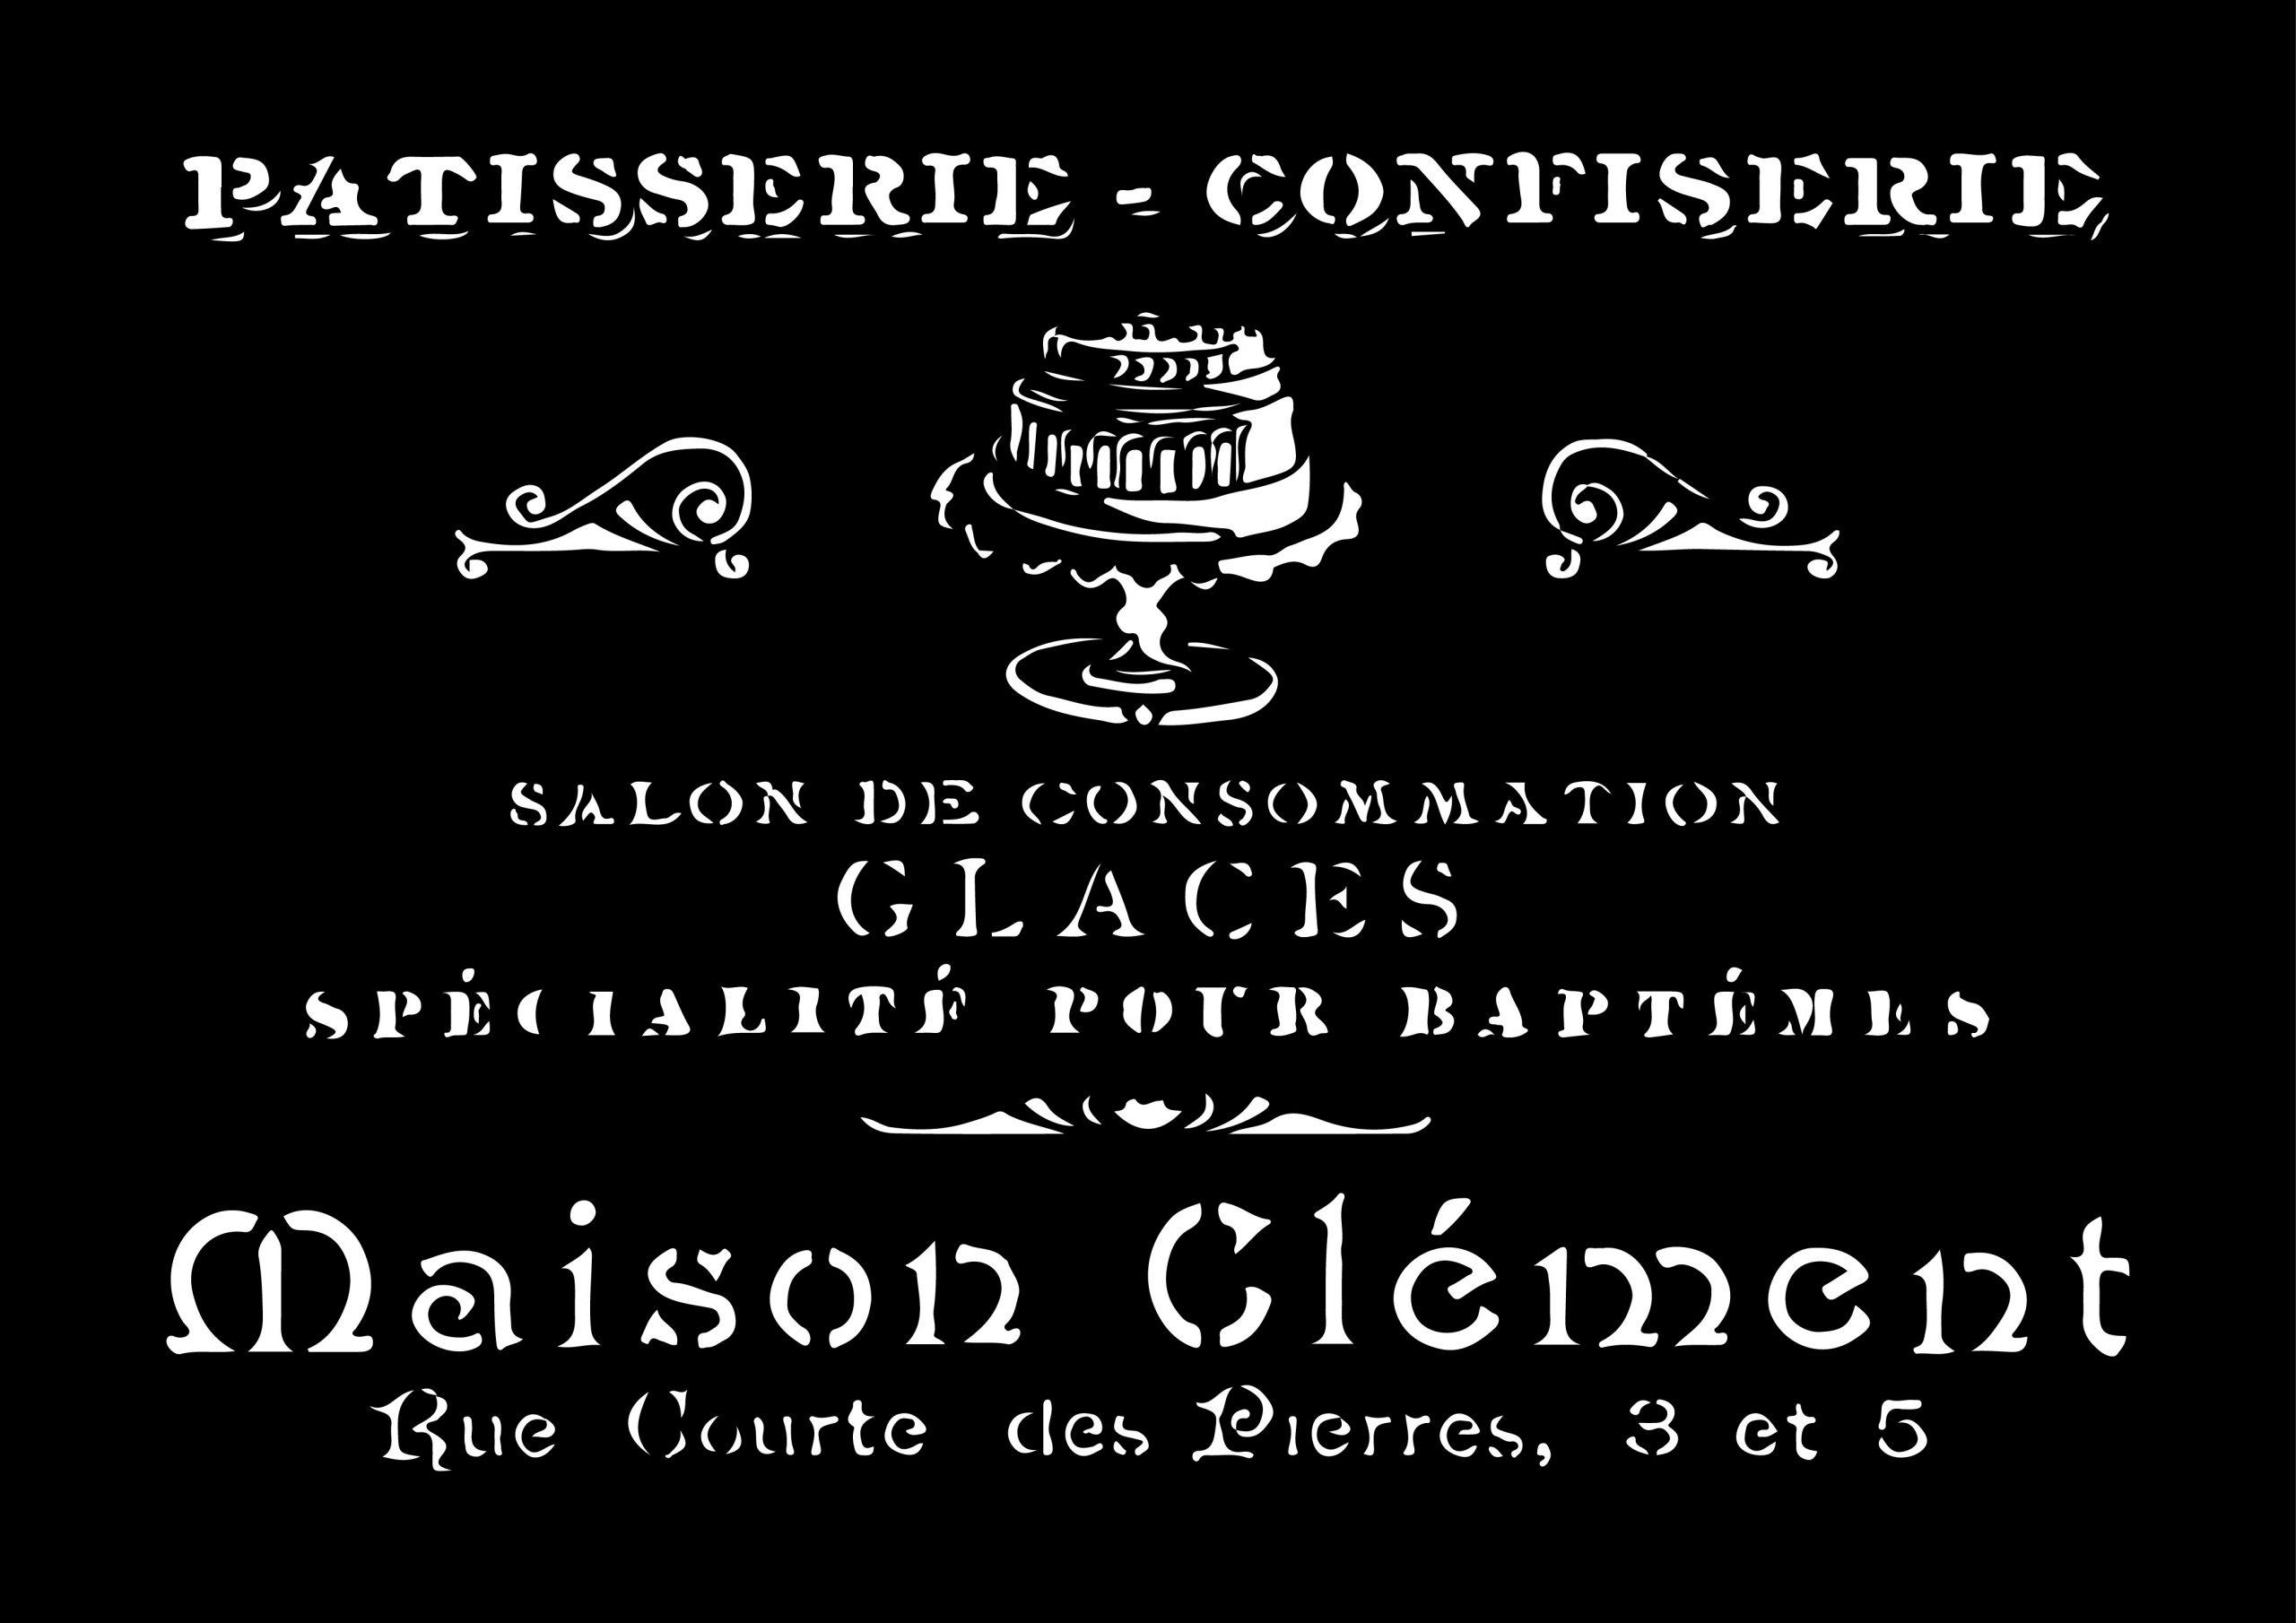 Maison Clement - 3